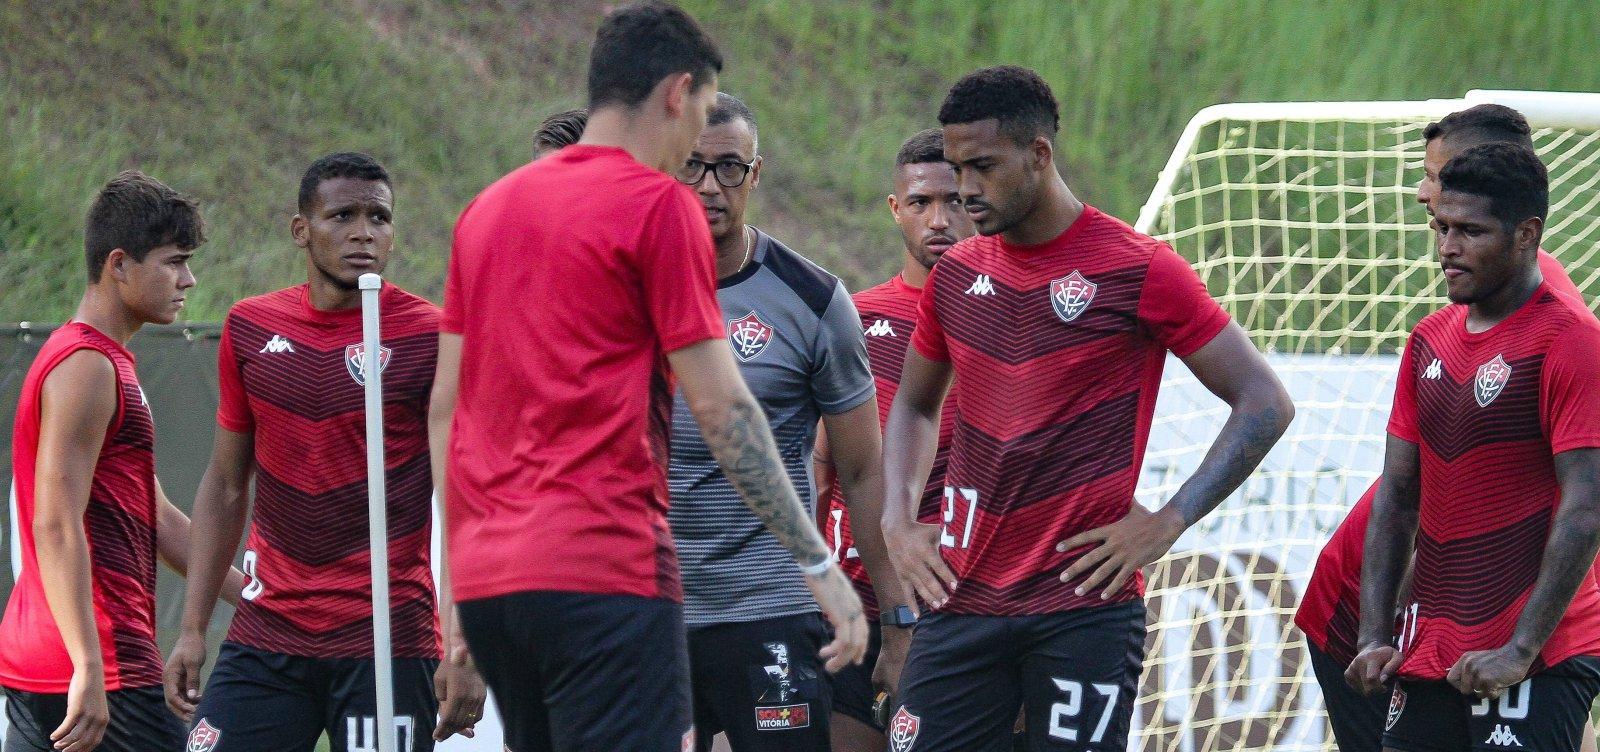 [Com protocolos, prefeitura libera retorno de clubes de futebol em Salvador]